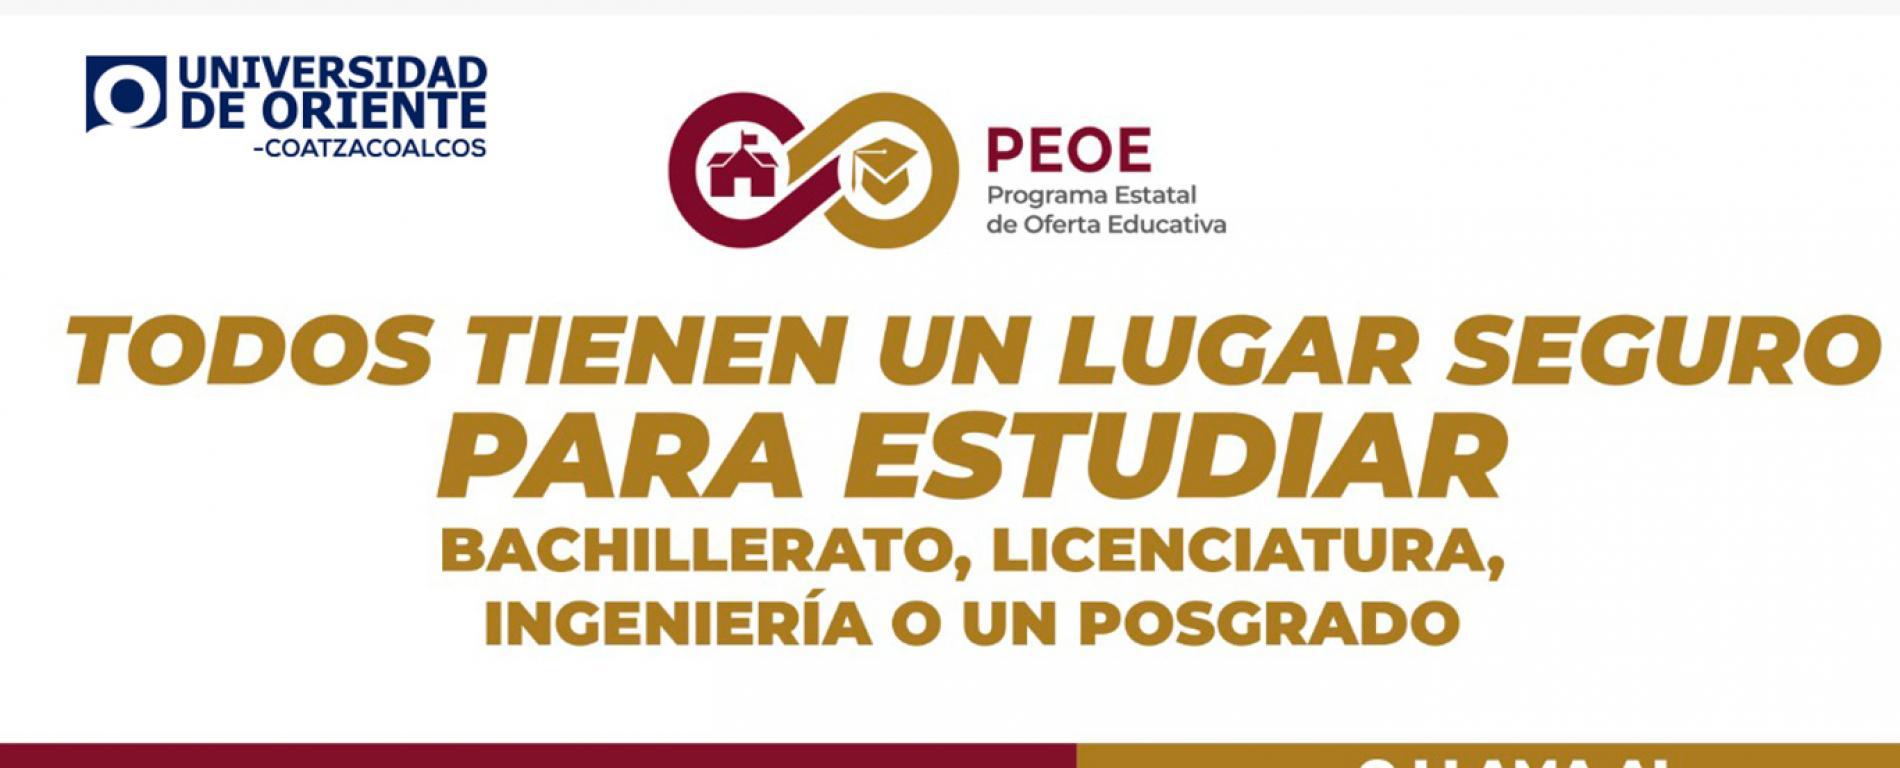 Programa estatal de oferta Educativa